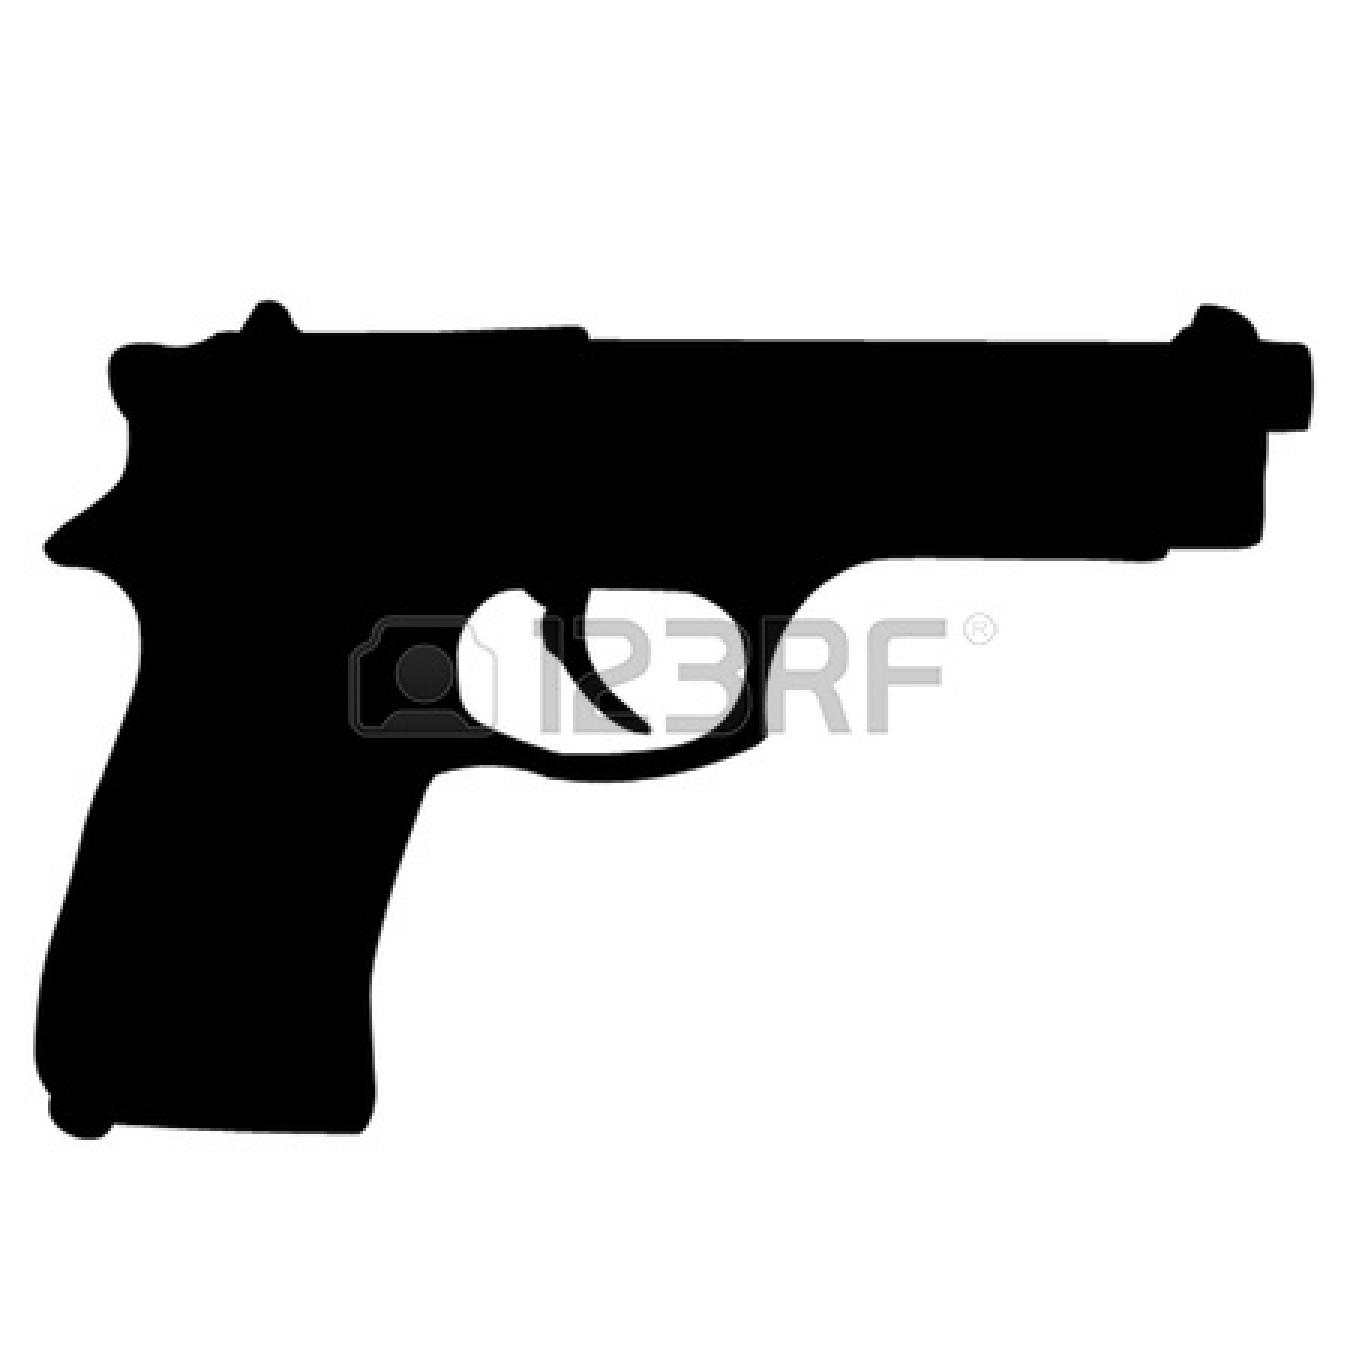 Pistol clipart musket Clipart Free Clipart Panda Gun